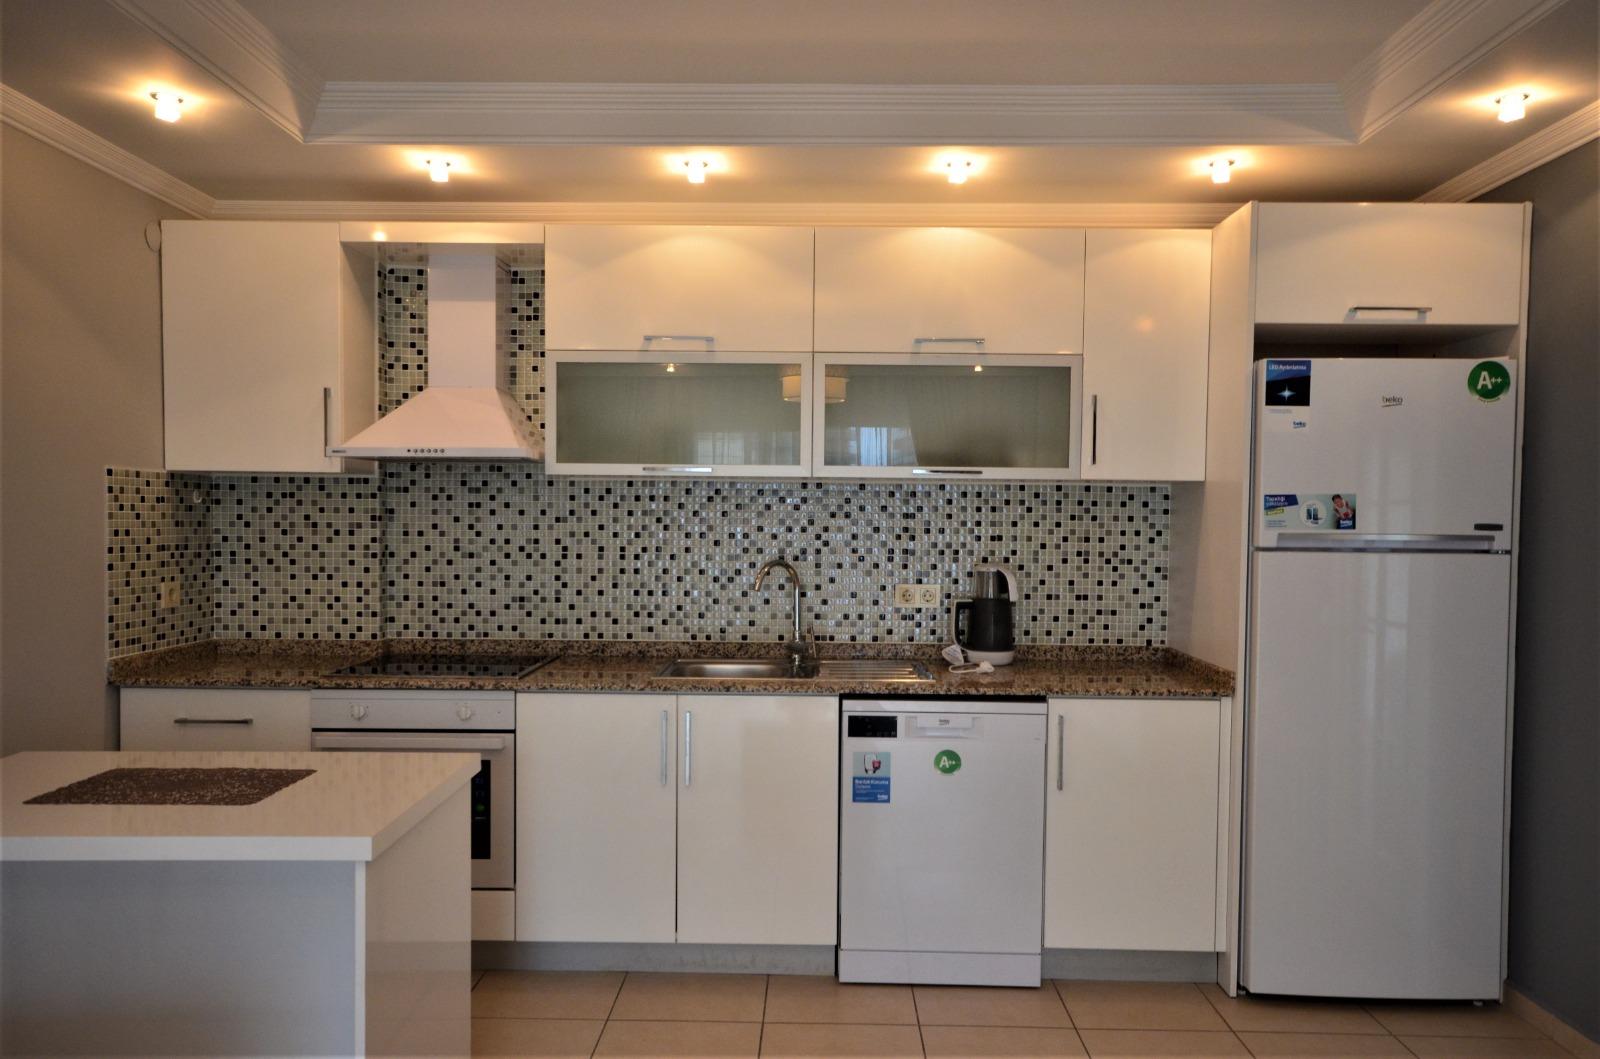 Двухкомнатная квартира с мебелью и бытовой техникой в районе Тосмур - Фото 9